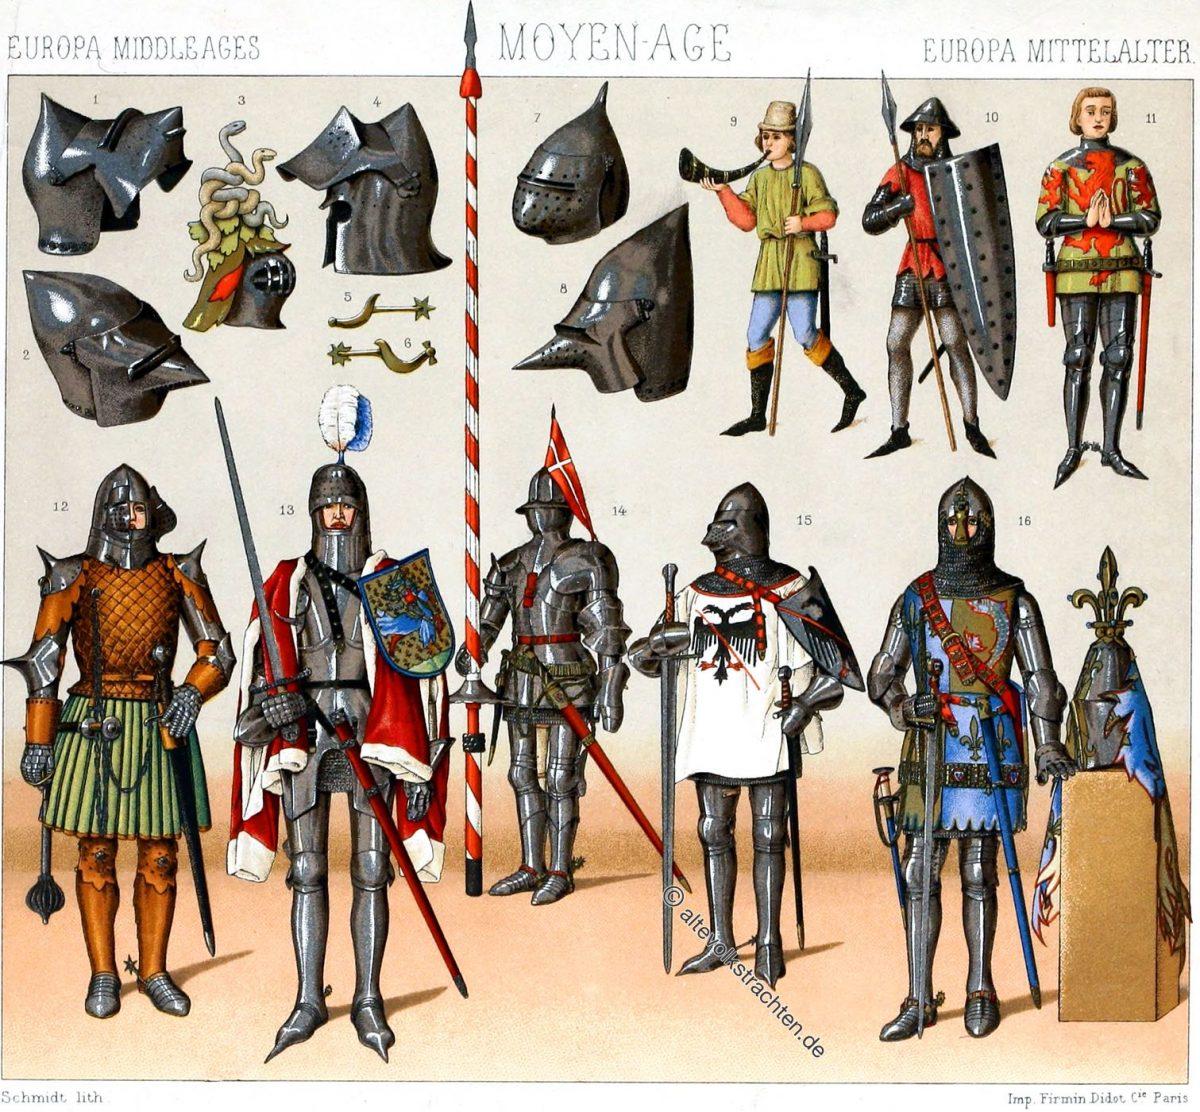 Frankreich im Mittelalter. Kriegsrüstungen von 1350 bis etwa 1450. Lederpanzer, Beckenhelme, Eisenhüte. Ritter und deren Bewaffnung.